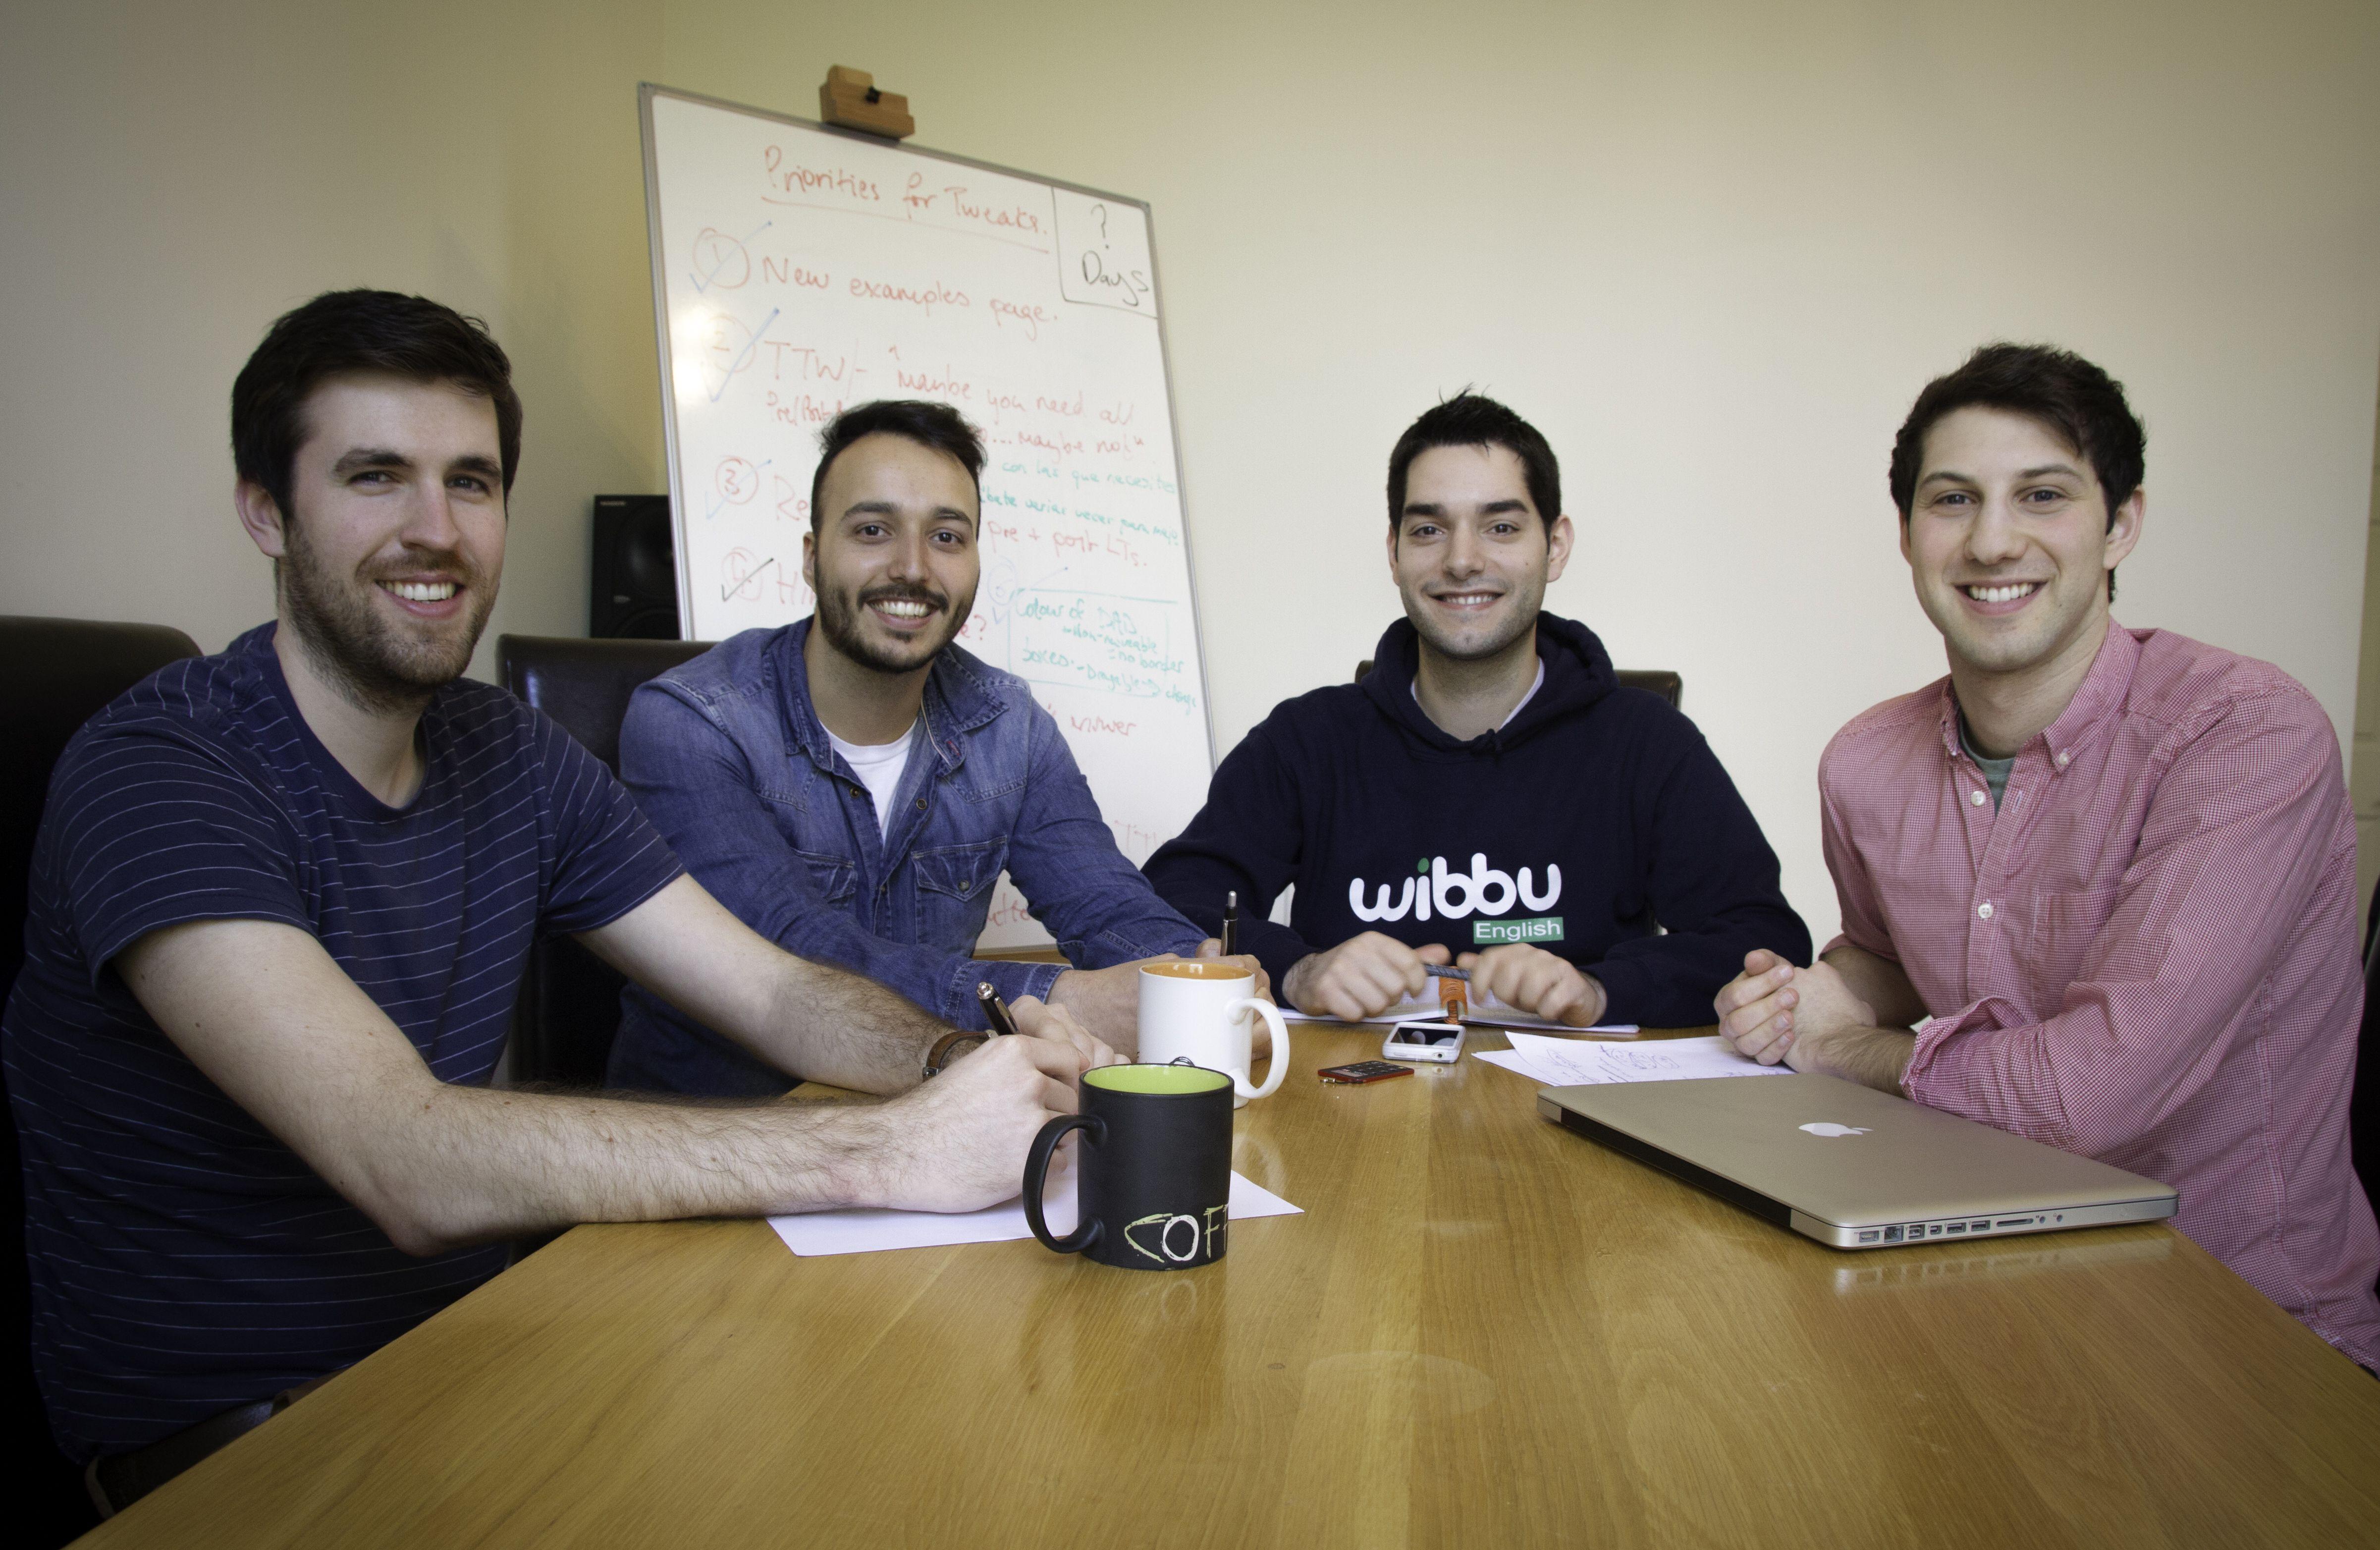 Los co-fundadores de Wibbu